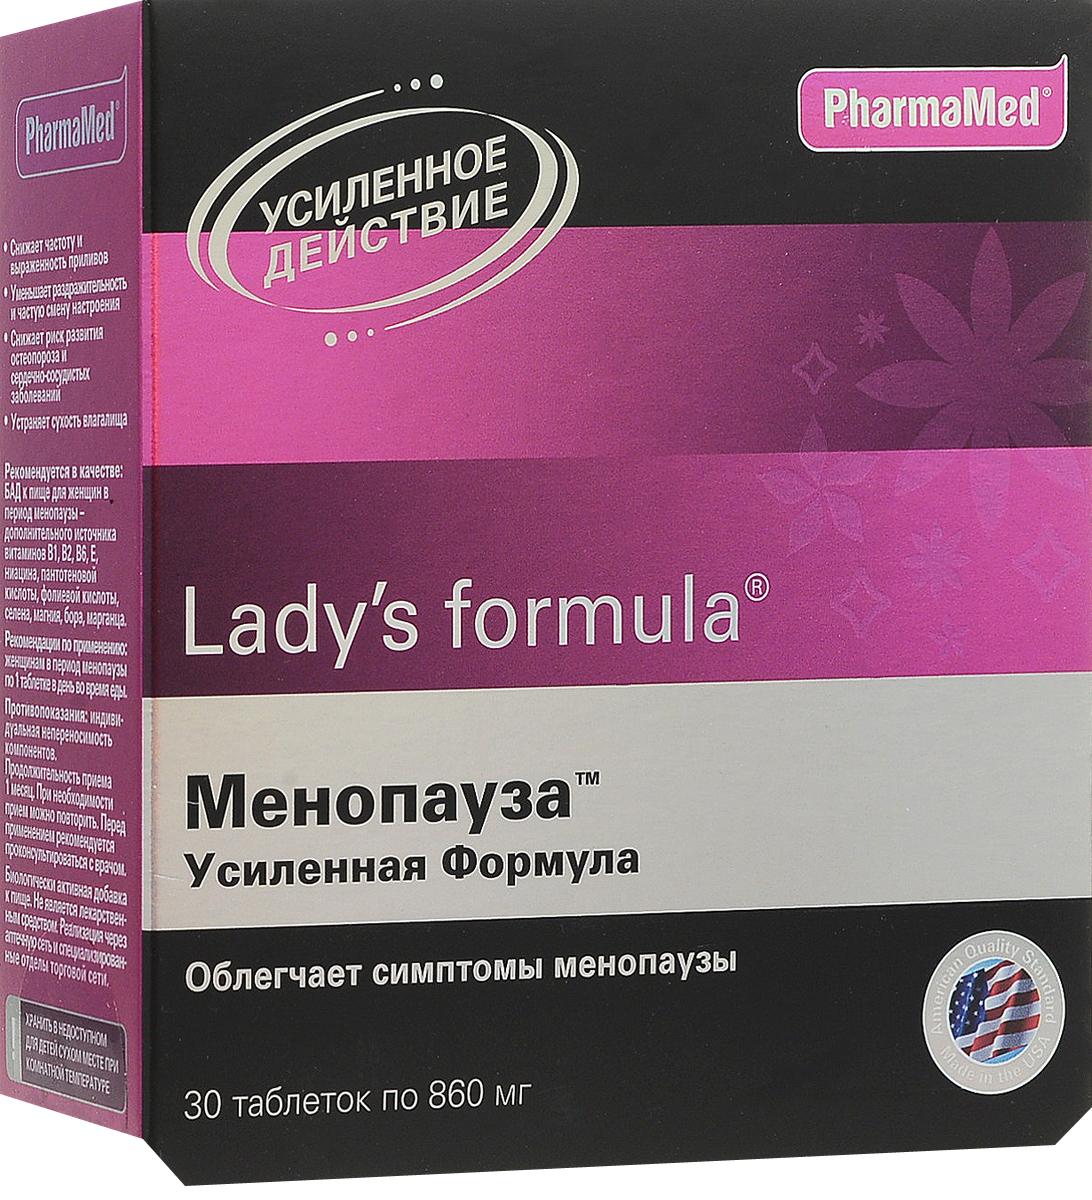 Витаминный комплекс Леди-С Формула Менопауза, усиленная формула, 30 шт x 860 мг210500Витаминный комплекс Леди-С Формула Менопауза - это формула для тех, кто ищет альтернативные пути гормонозаместительной терапии. Натуральный комплекс Менопауза созданный канадскими врачами-гинекологами и натуропатами с запатентованной растительной формулой, облегчает многие симптомы, связанные с этим периодом жизни каждой женщины (приливы, частая смена настроения, нарушение цикла, головная боль, нарушение сна, общее недомогание). Повышает уровень жизненной энергии и улучшает общее самочувствие, замедляет процесс старения организма.Показания:Рекомендуется в качестве общеукрепляющего средства. Сфера применения: Витаминология;Противоклимактерическое.Товар сертифицирован.